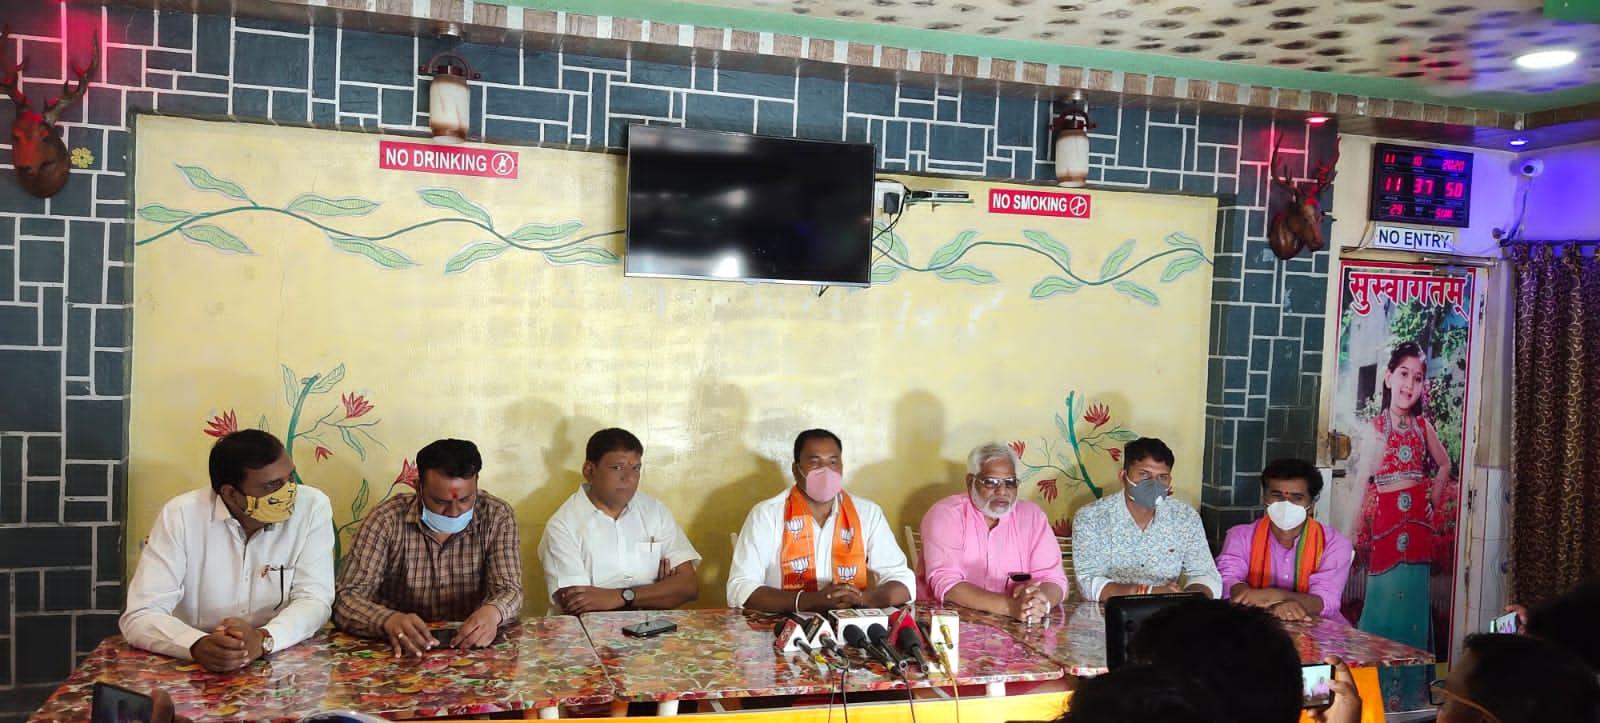 Jhabua News- अनाज माफिया उर्फ कांग्रेसी नेता  पर हुई कार्यवाही पर कांग्रेस ने शिवराज की मुहिम पर क्यो नही किया समर्थन - भानु भूरिया